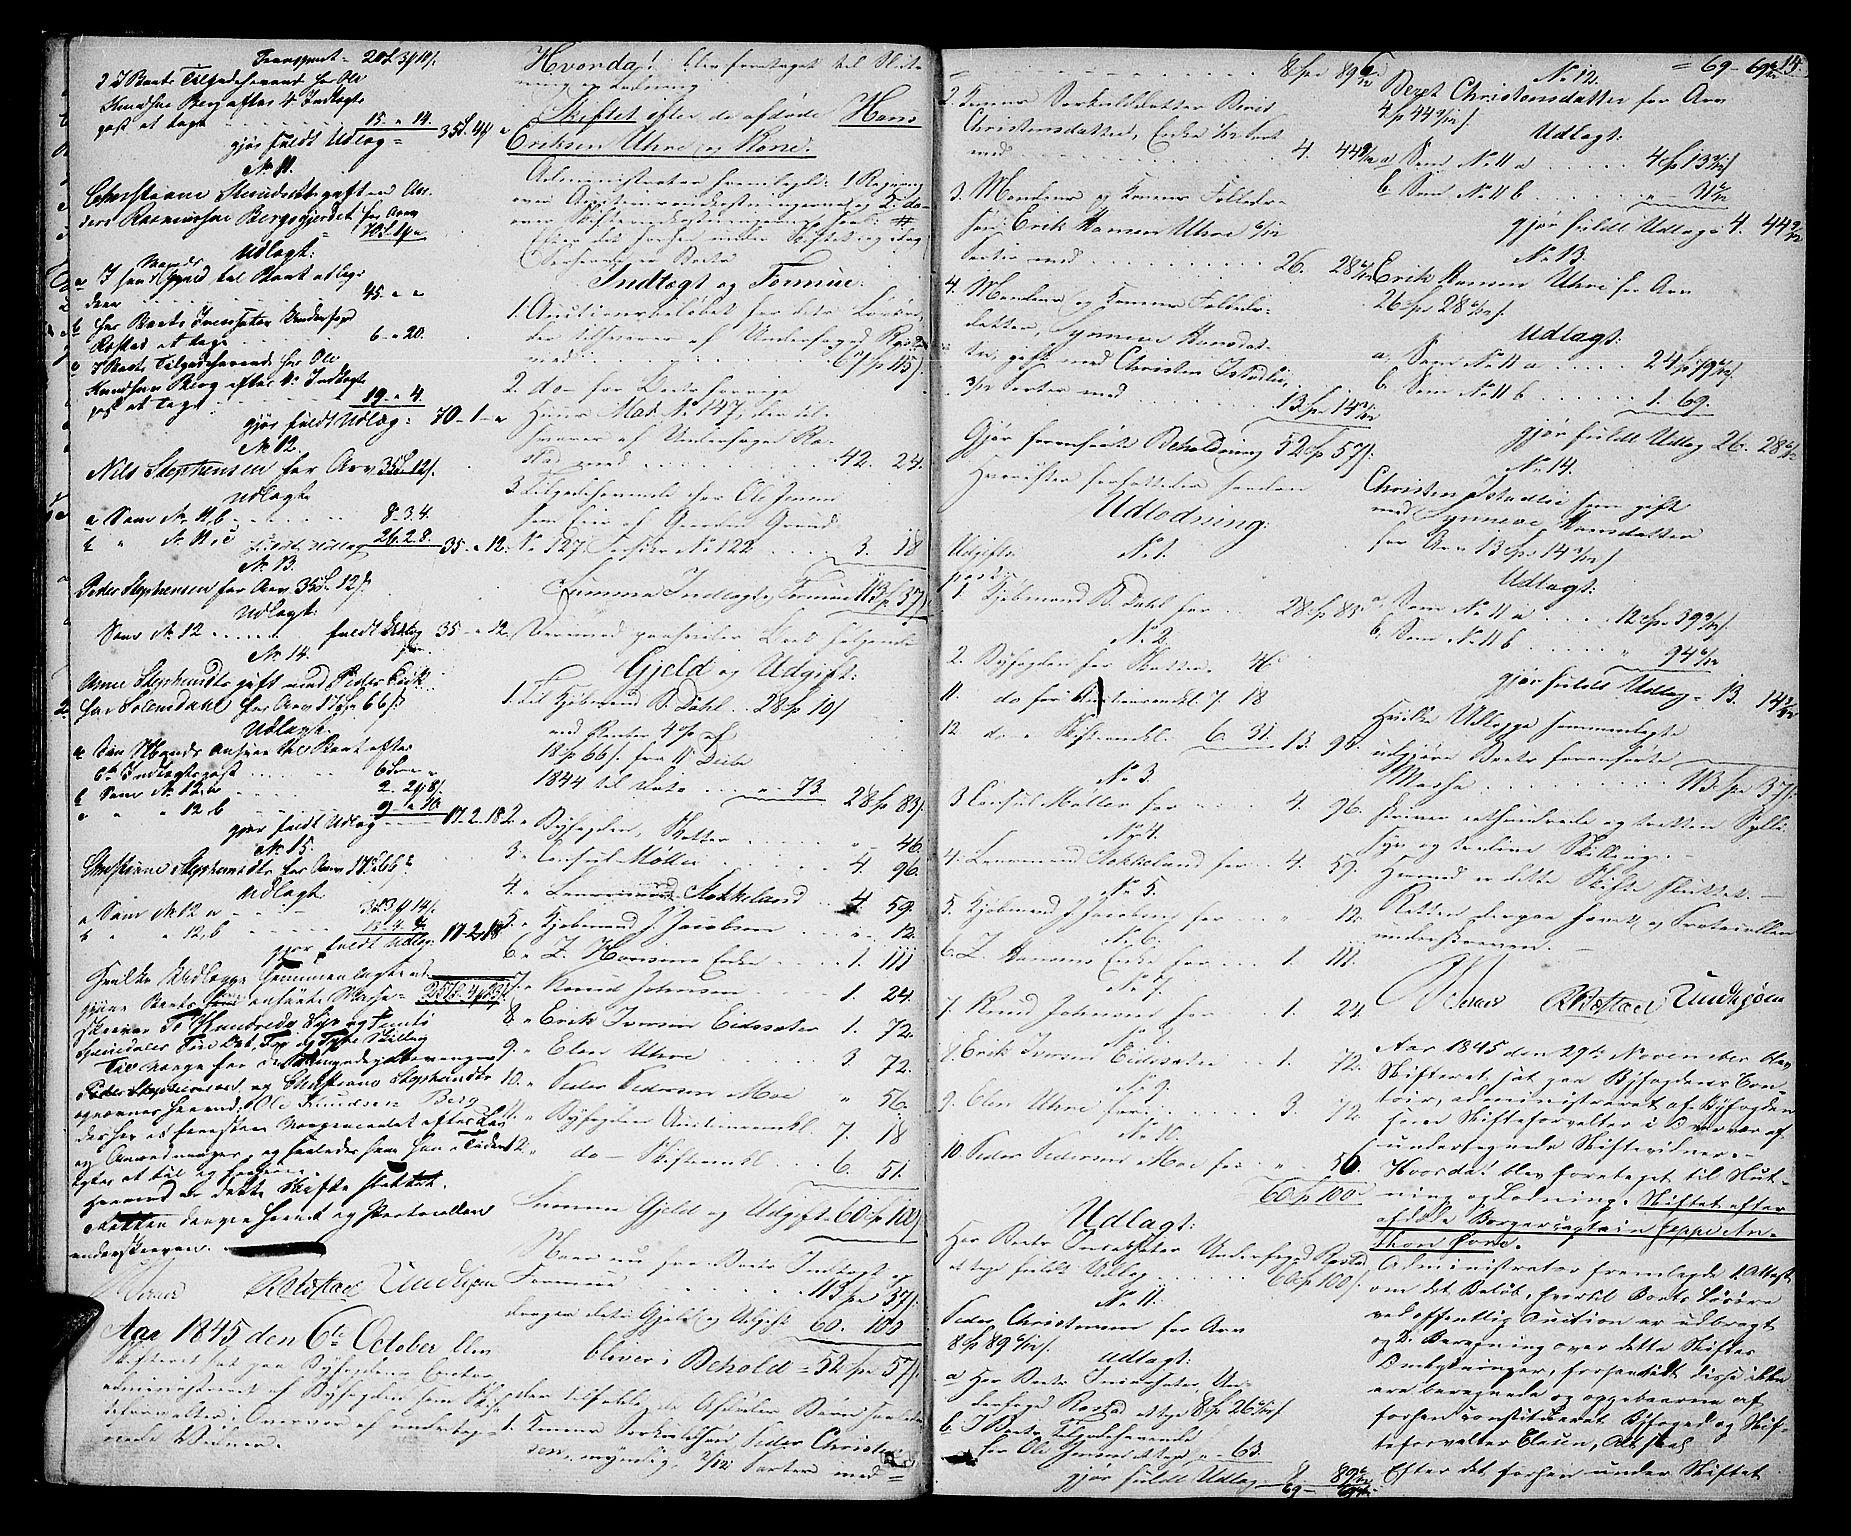 SAT, Molde byfogd, 3/3Ab/L0001: Skifteutlodningsprotokoll, 1842-1867, p. 14